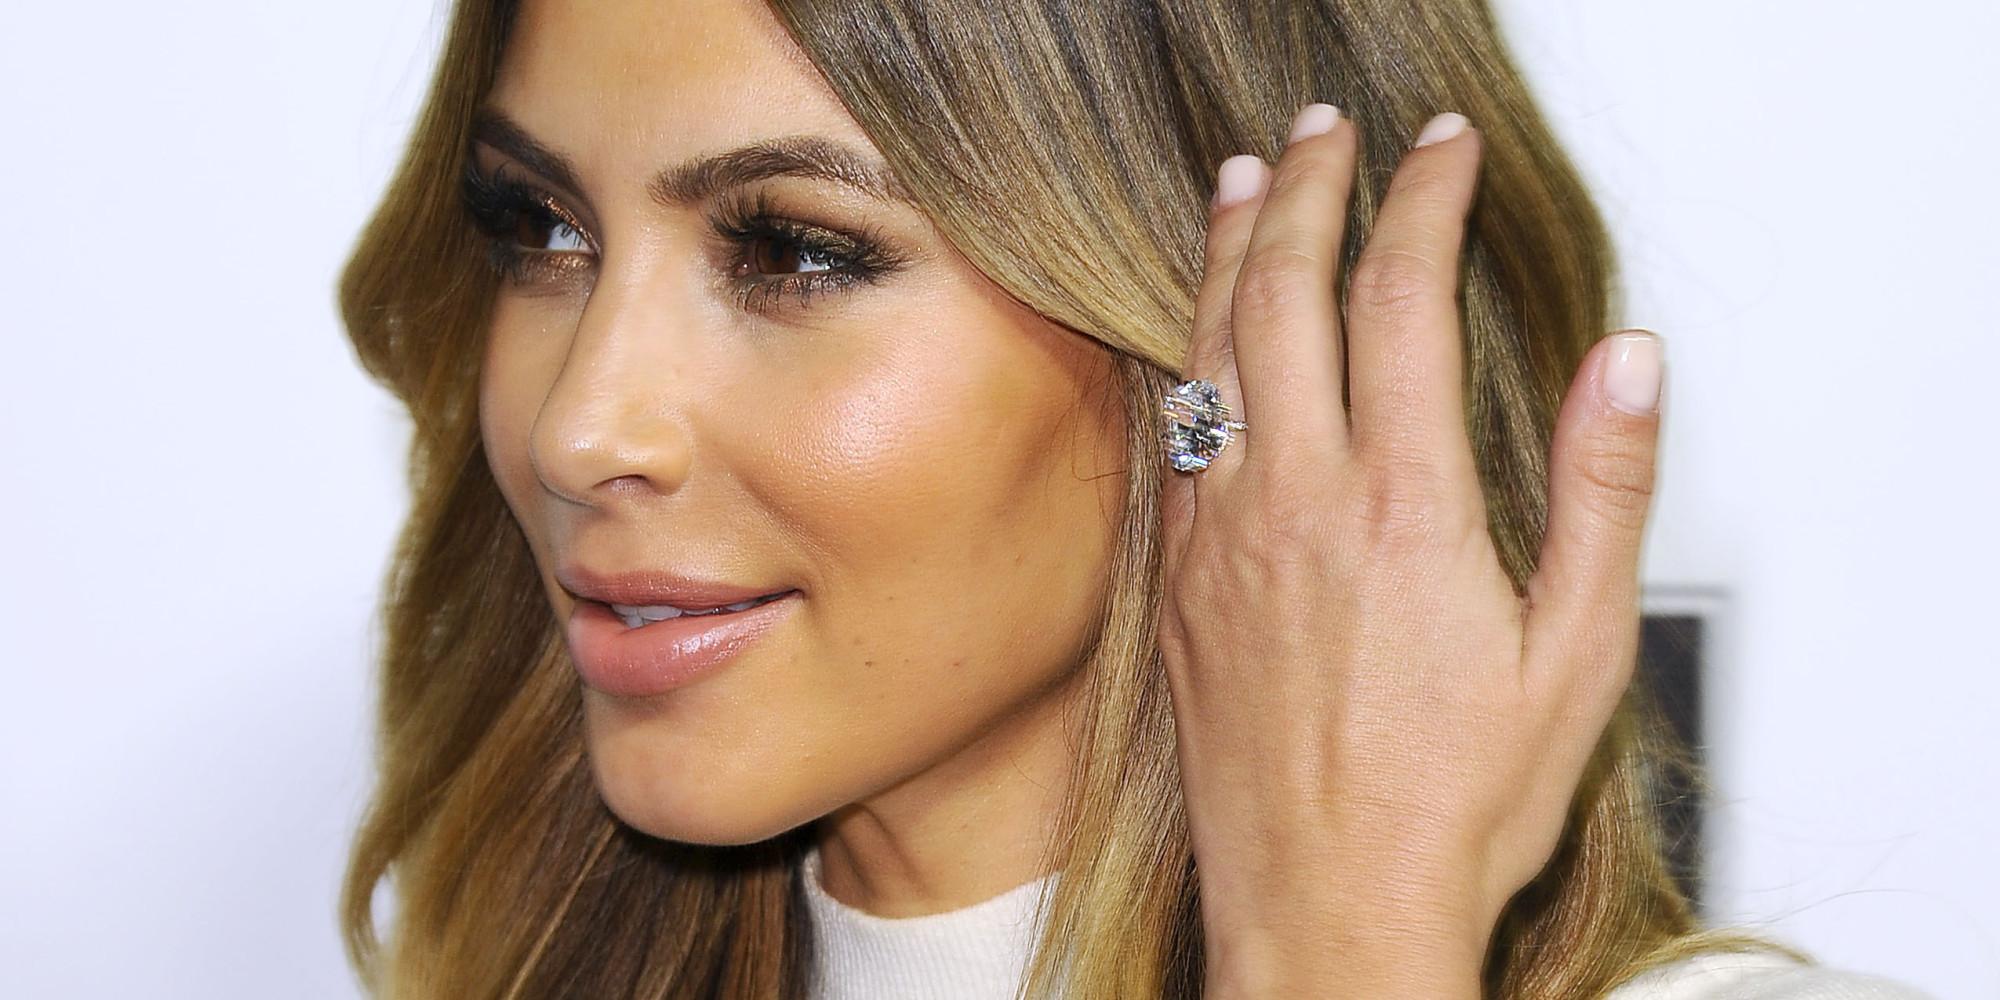 Kim Kardashian Wedding Ring Price 27 Fancy Celebrity engagement rings prices